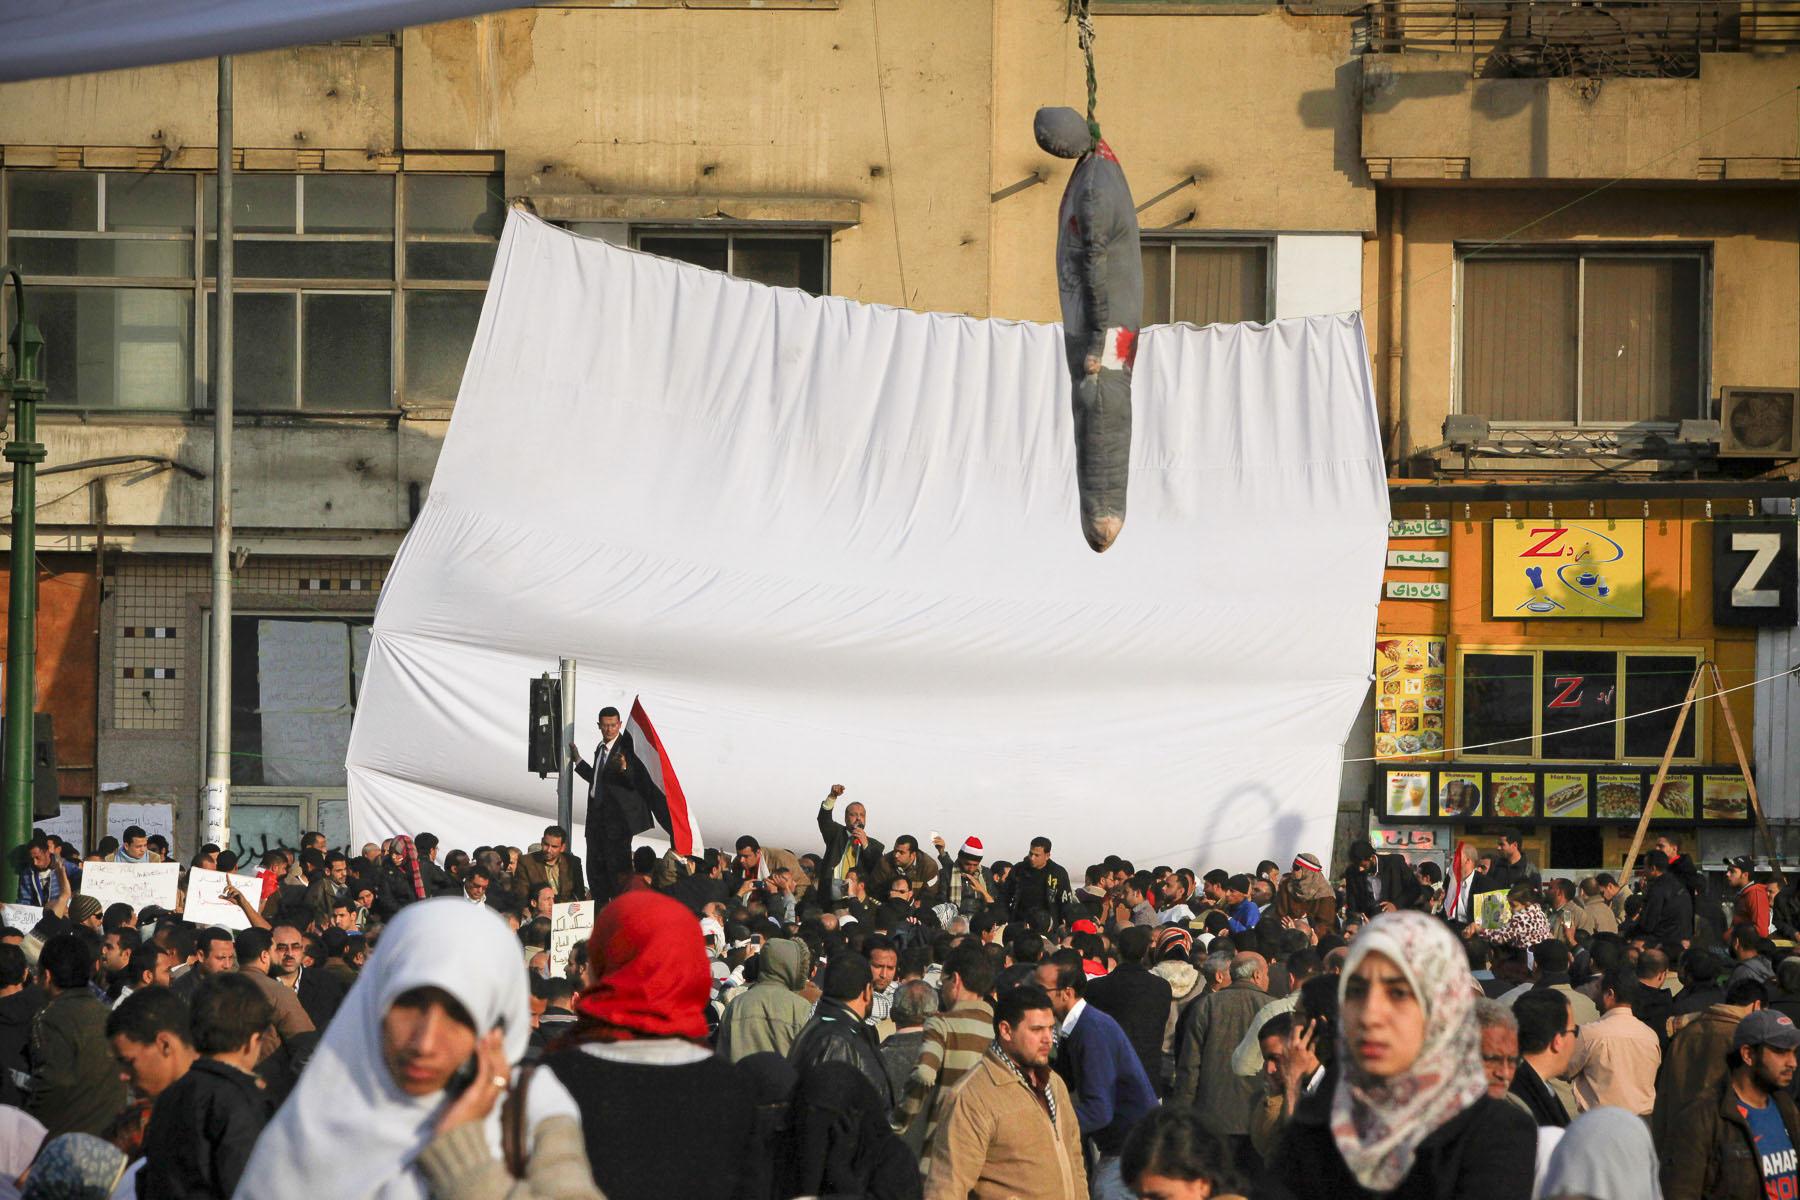 Demonstrators protest against President Mubarak's regime on Tahrir Square on Wednesday February 2 2011